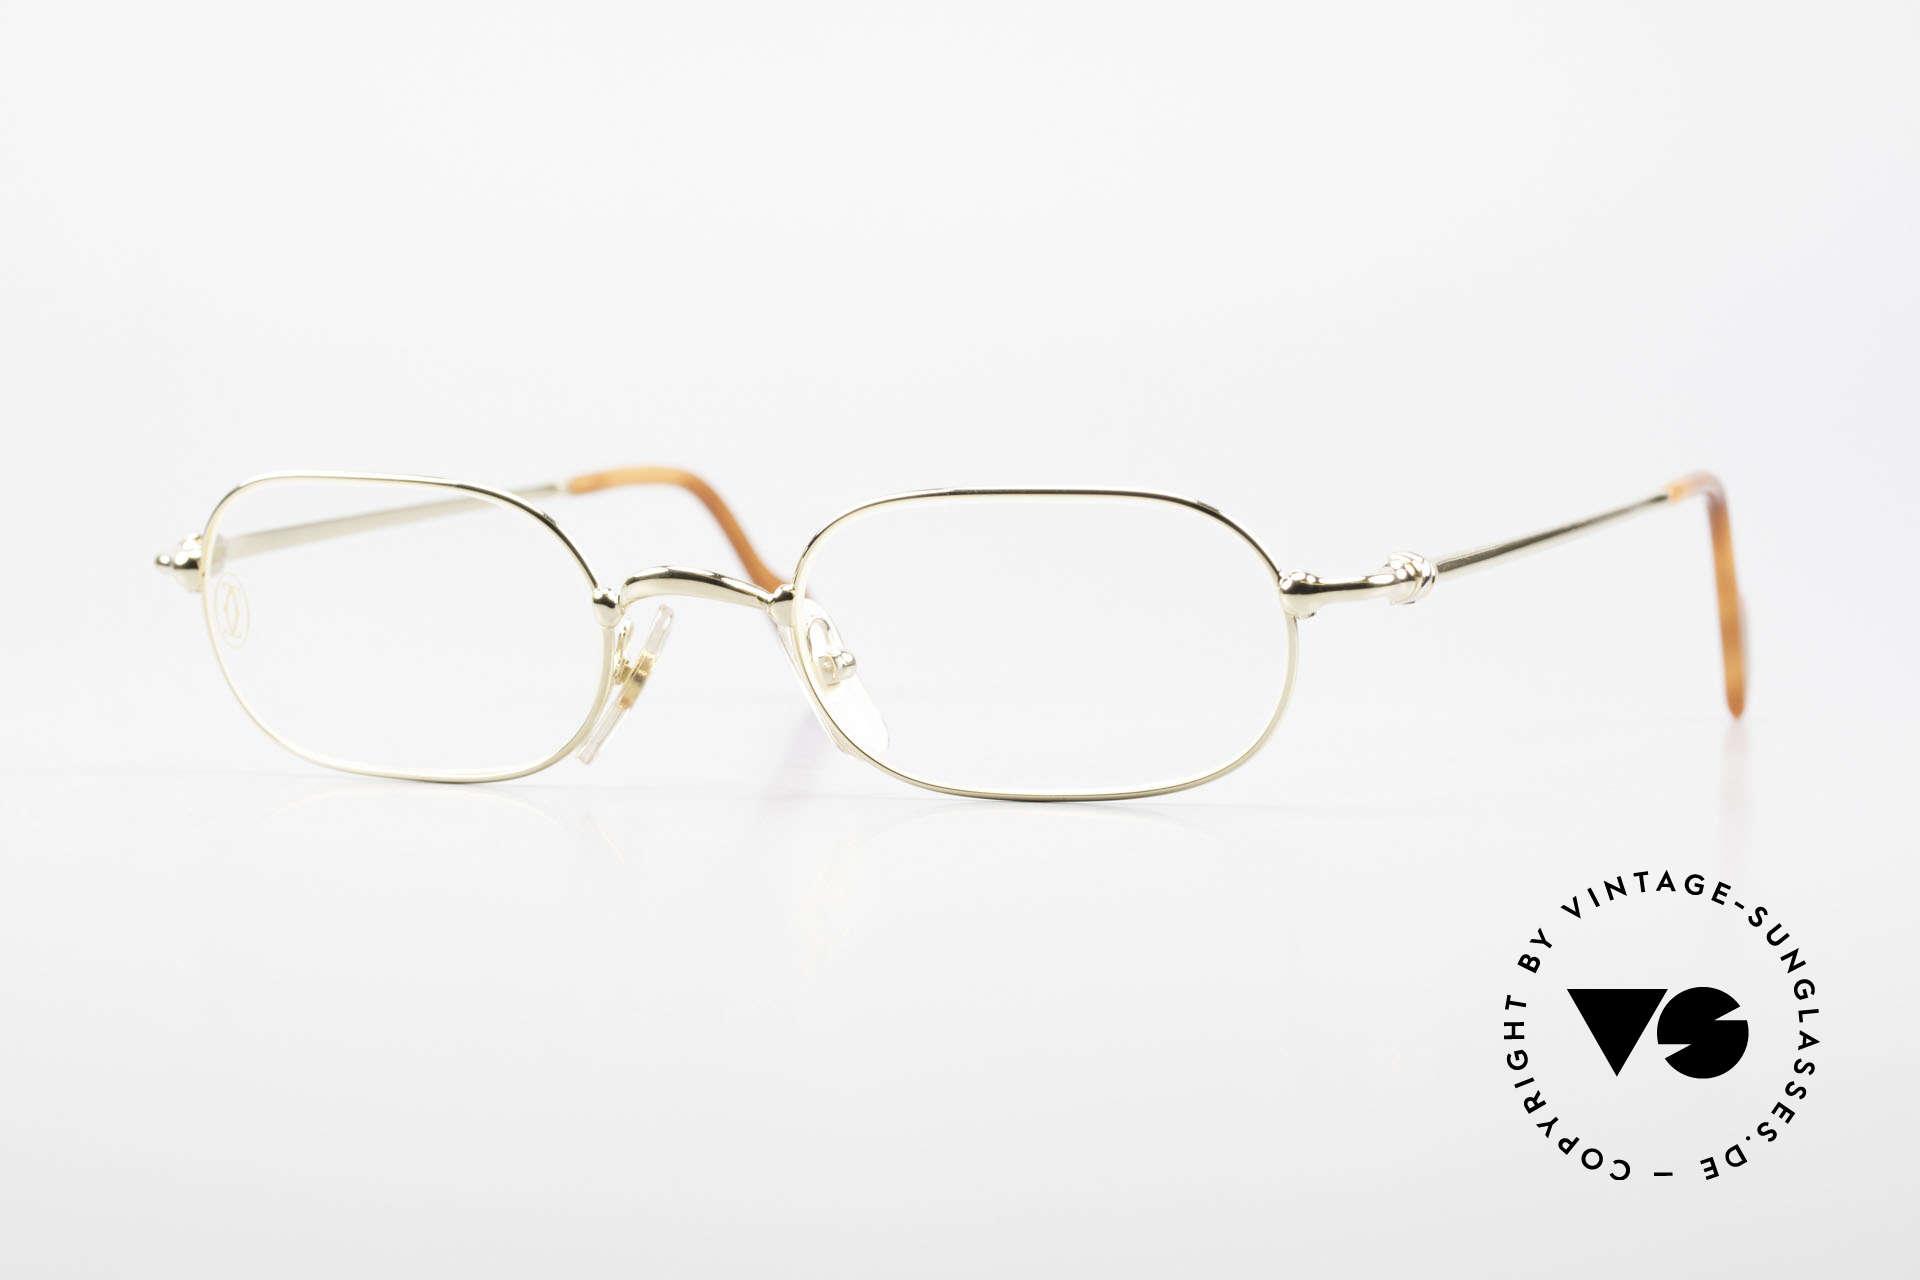 Cartier Orfy 90er Luxusbrille Eckig Unisex, eckige vintage Cartier Luxus-Brille der späten 1990er, Passend für Herren und Damen